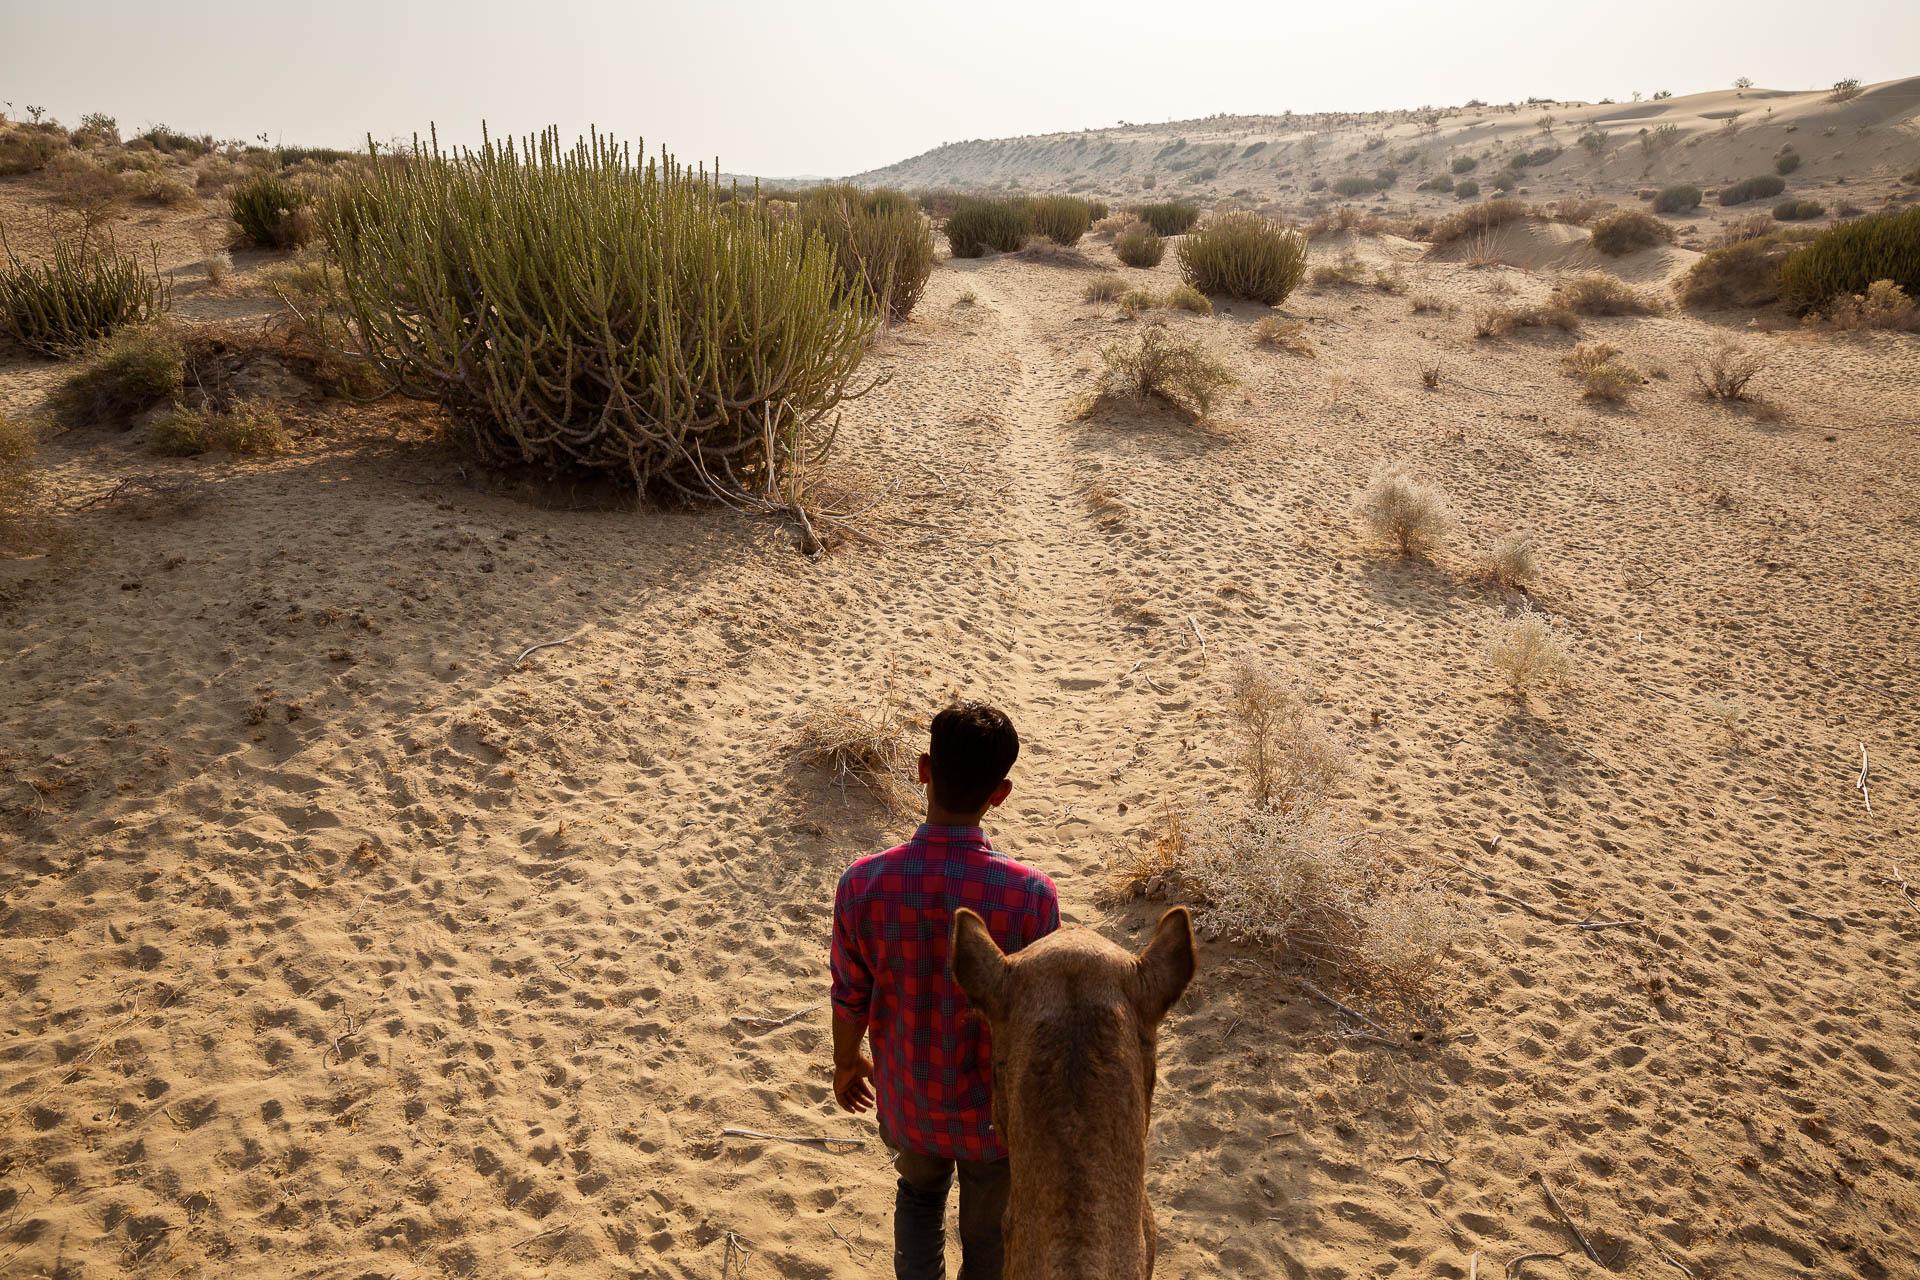 Die FOTOFÜCHSE Wunschorte. Am Rücken eines Kamels durch die Wüste Thar in Indien dem Sonnenuntergang entgegen reiten und sich auf das Abendessen in der Wüste freuen.